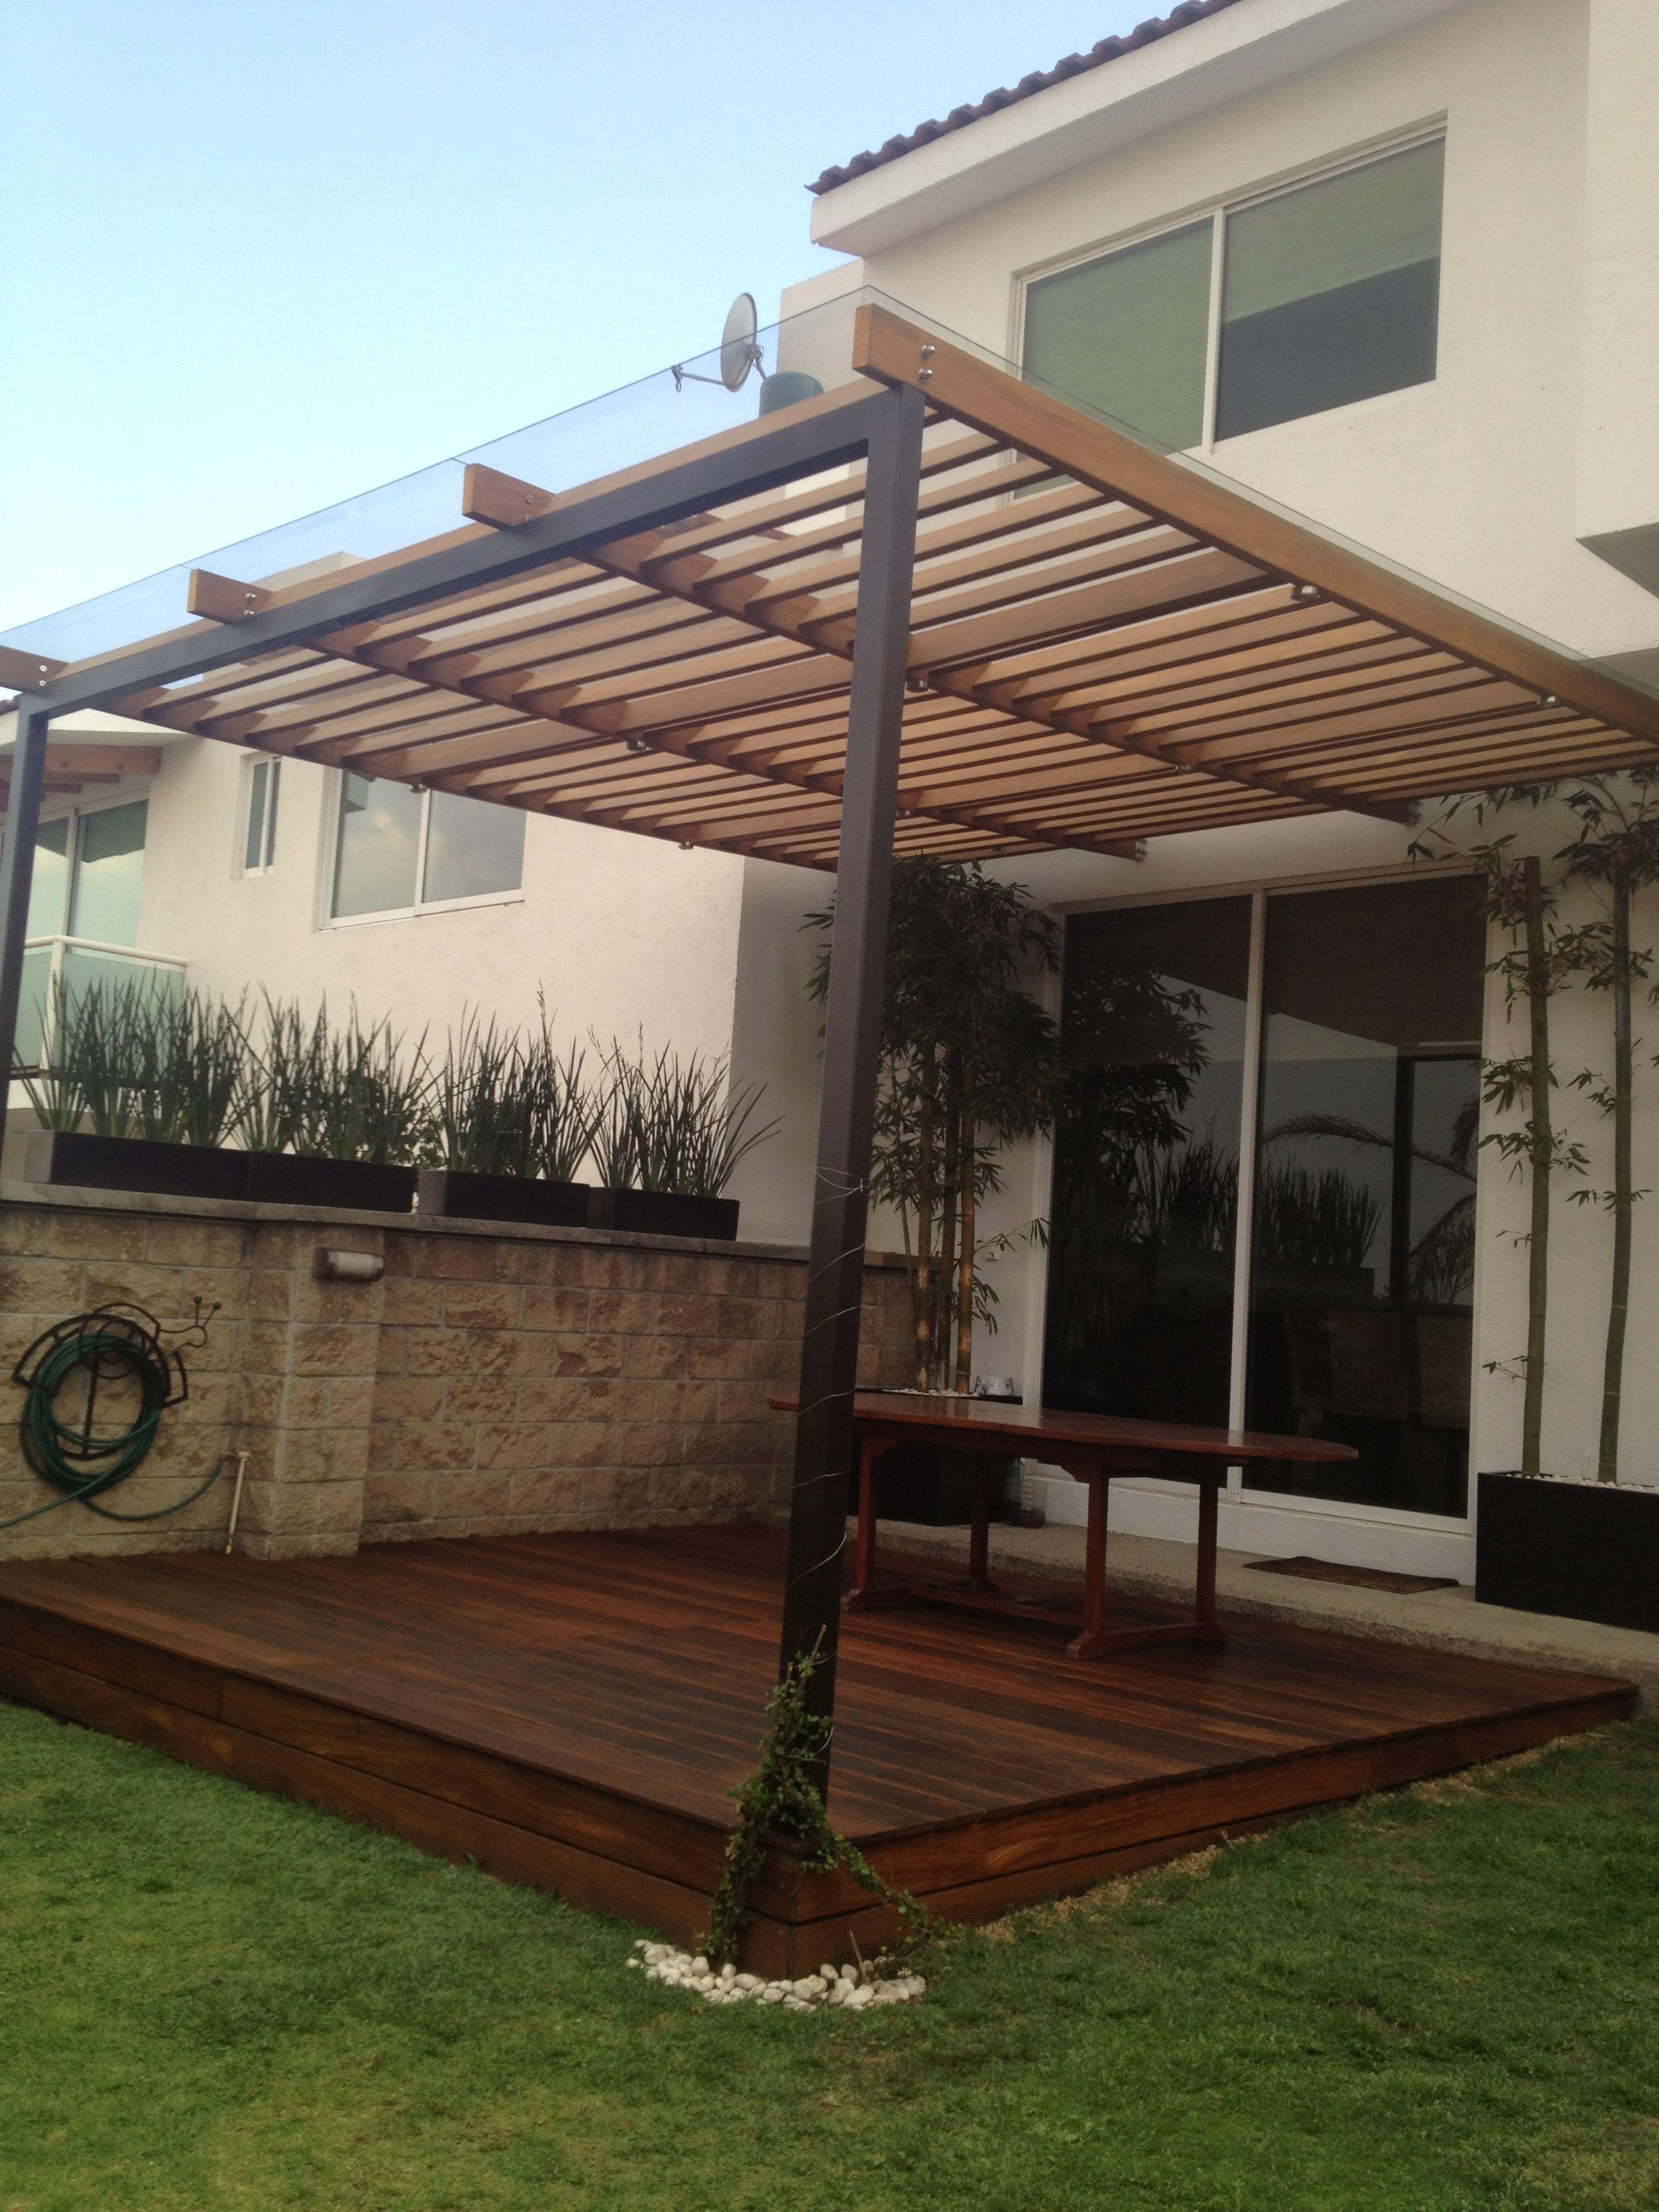 Terraza casa en 2019 pinterest for Modelos de patios para casas